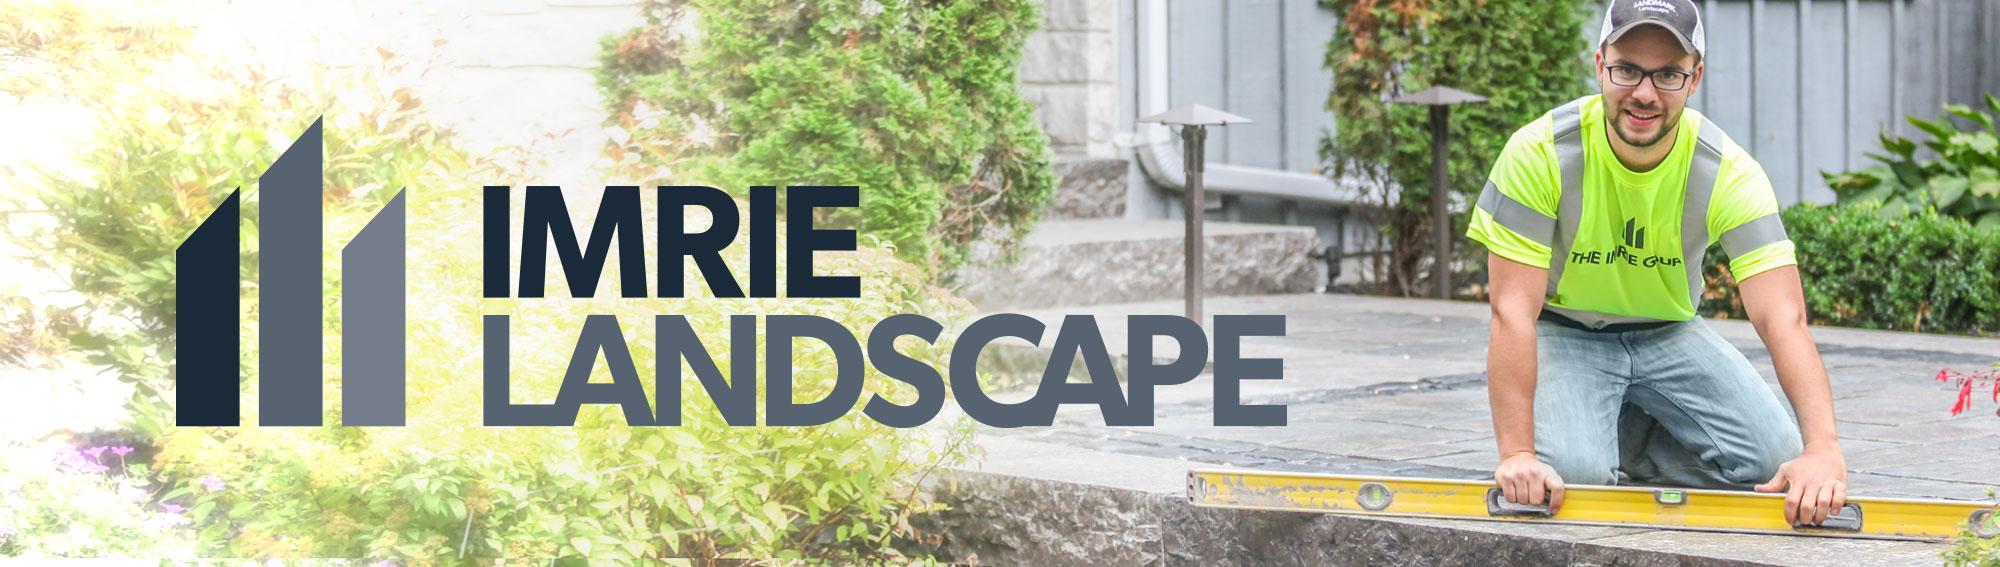 IMRIE-Landscape.jpg